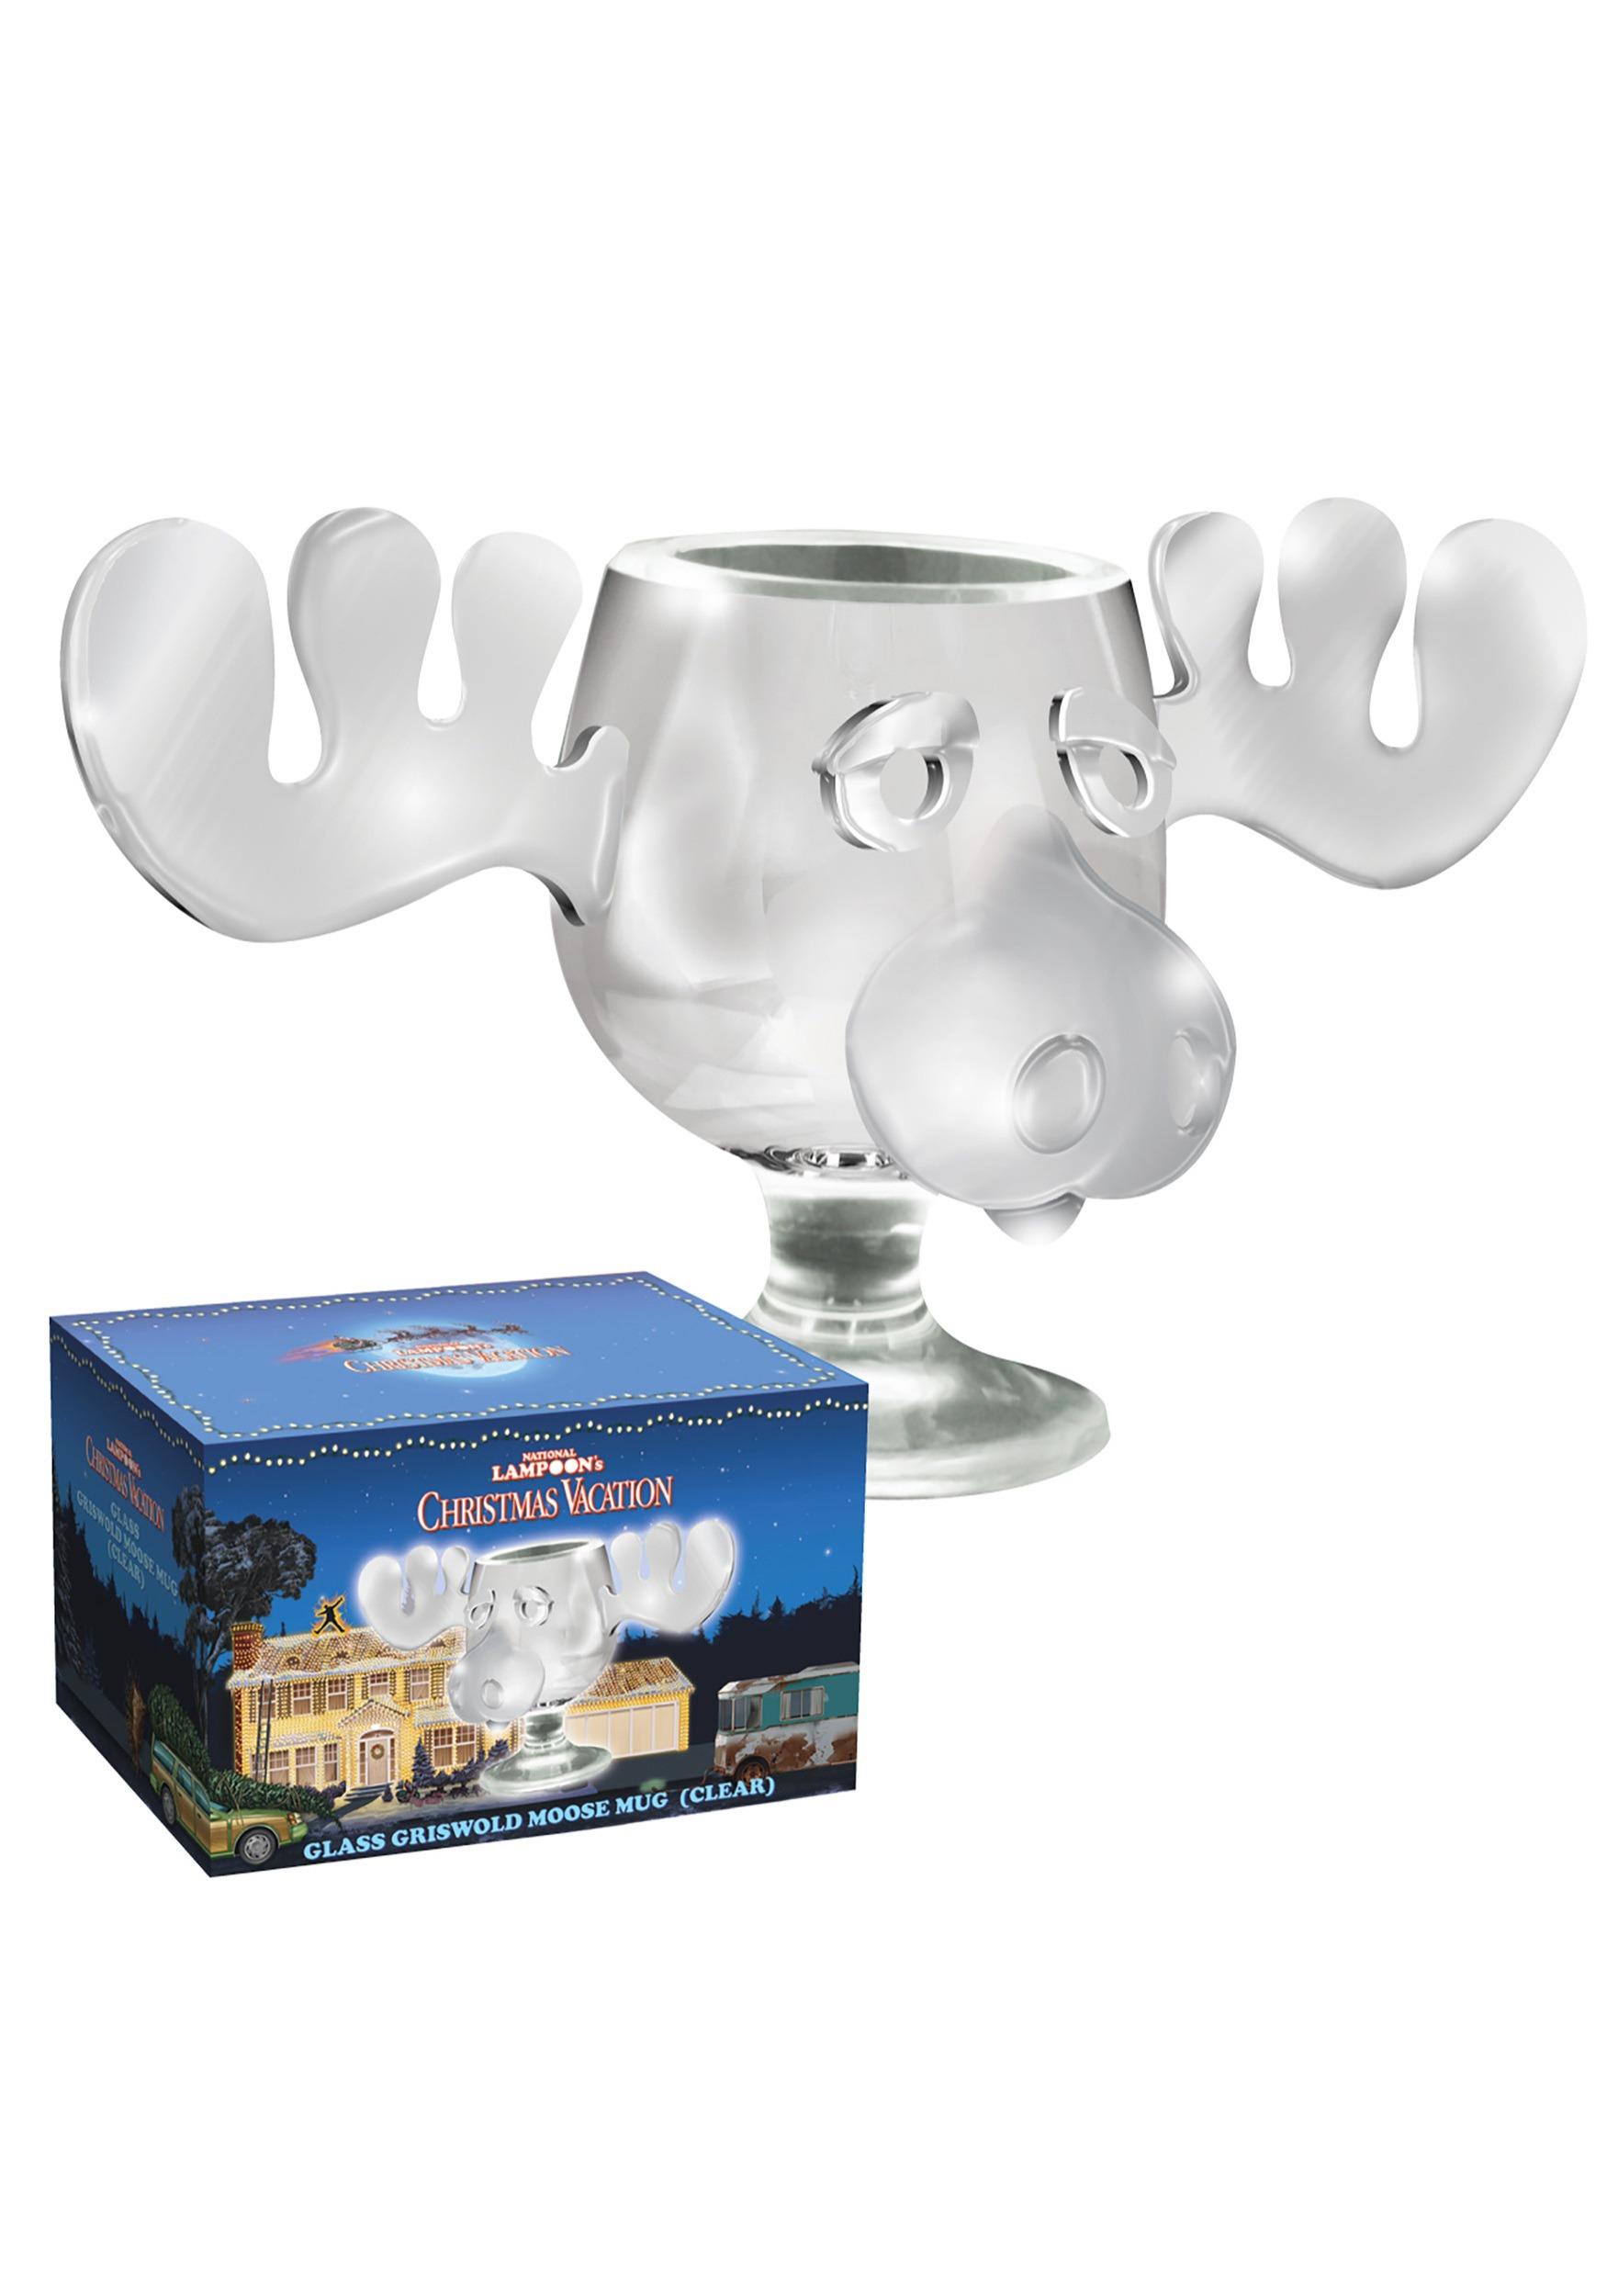 christmas vacation 8oz moose mug - Christmas Vacation Moose Punch Bowl